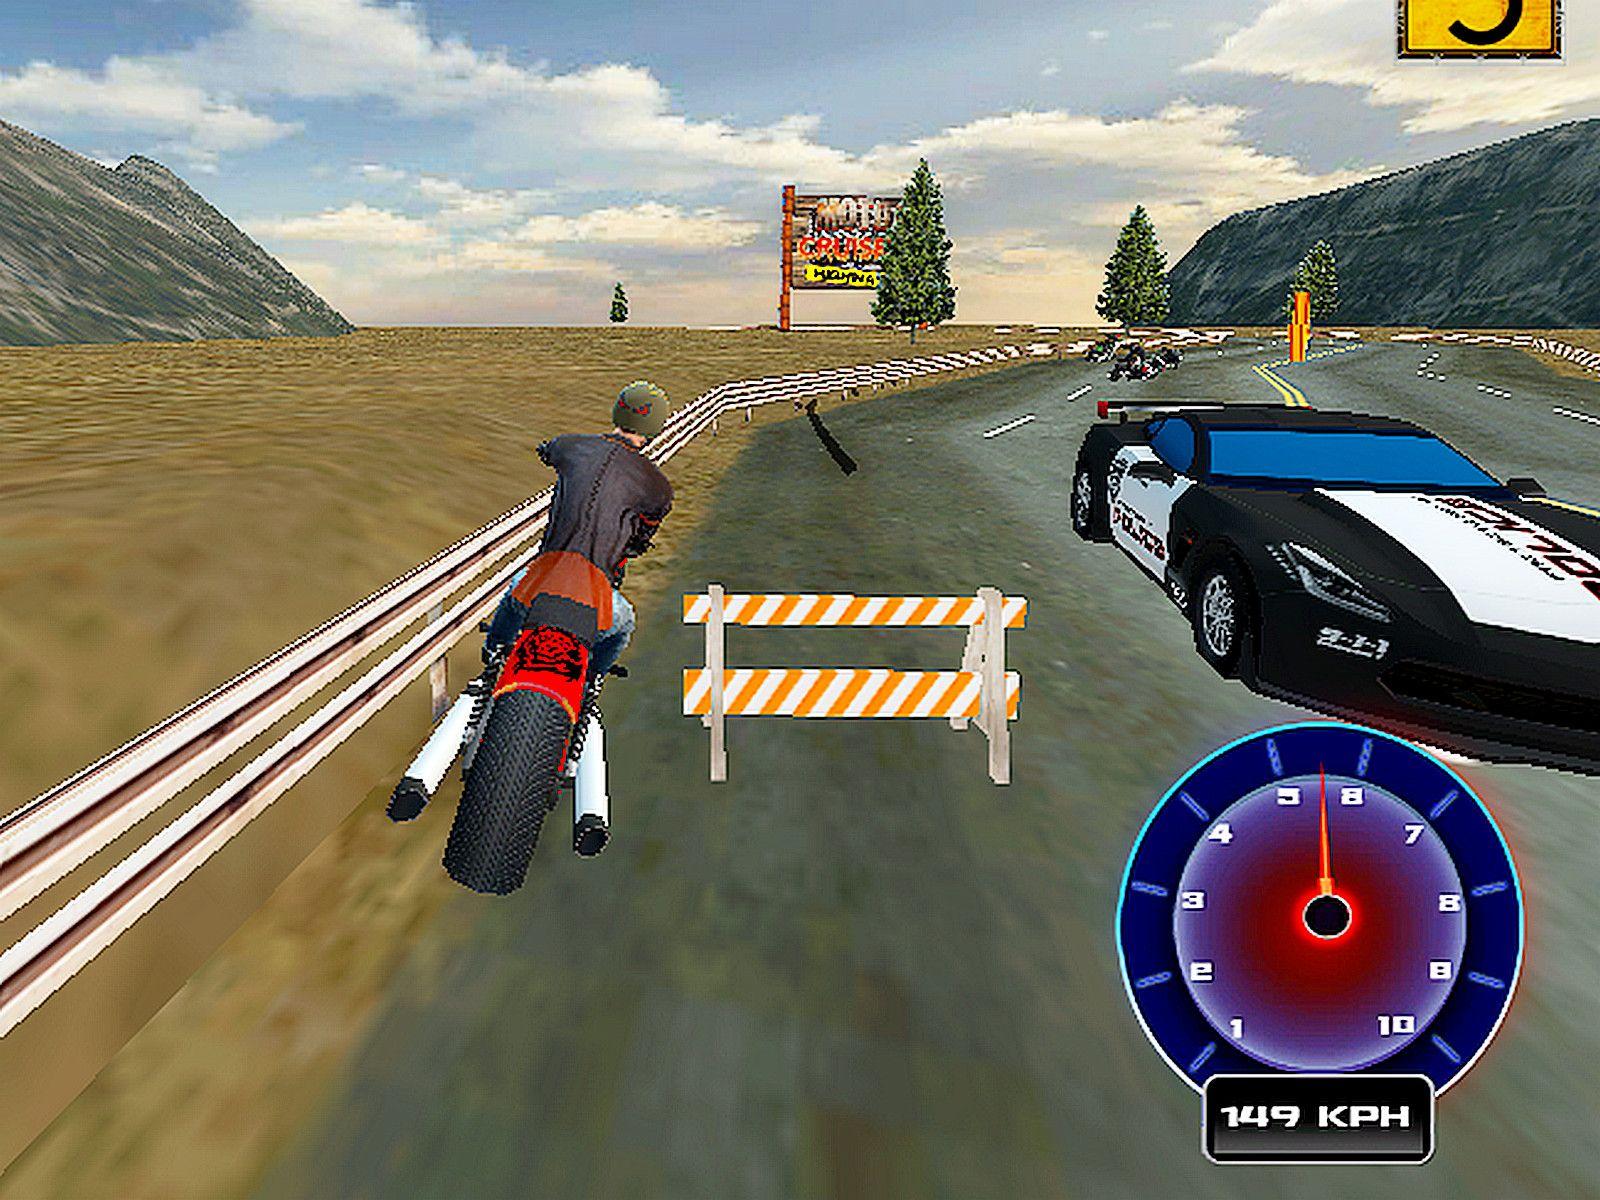 Moto Cruiser Highway Motorcycle Racing Cruisers Racing